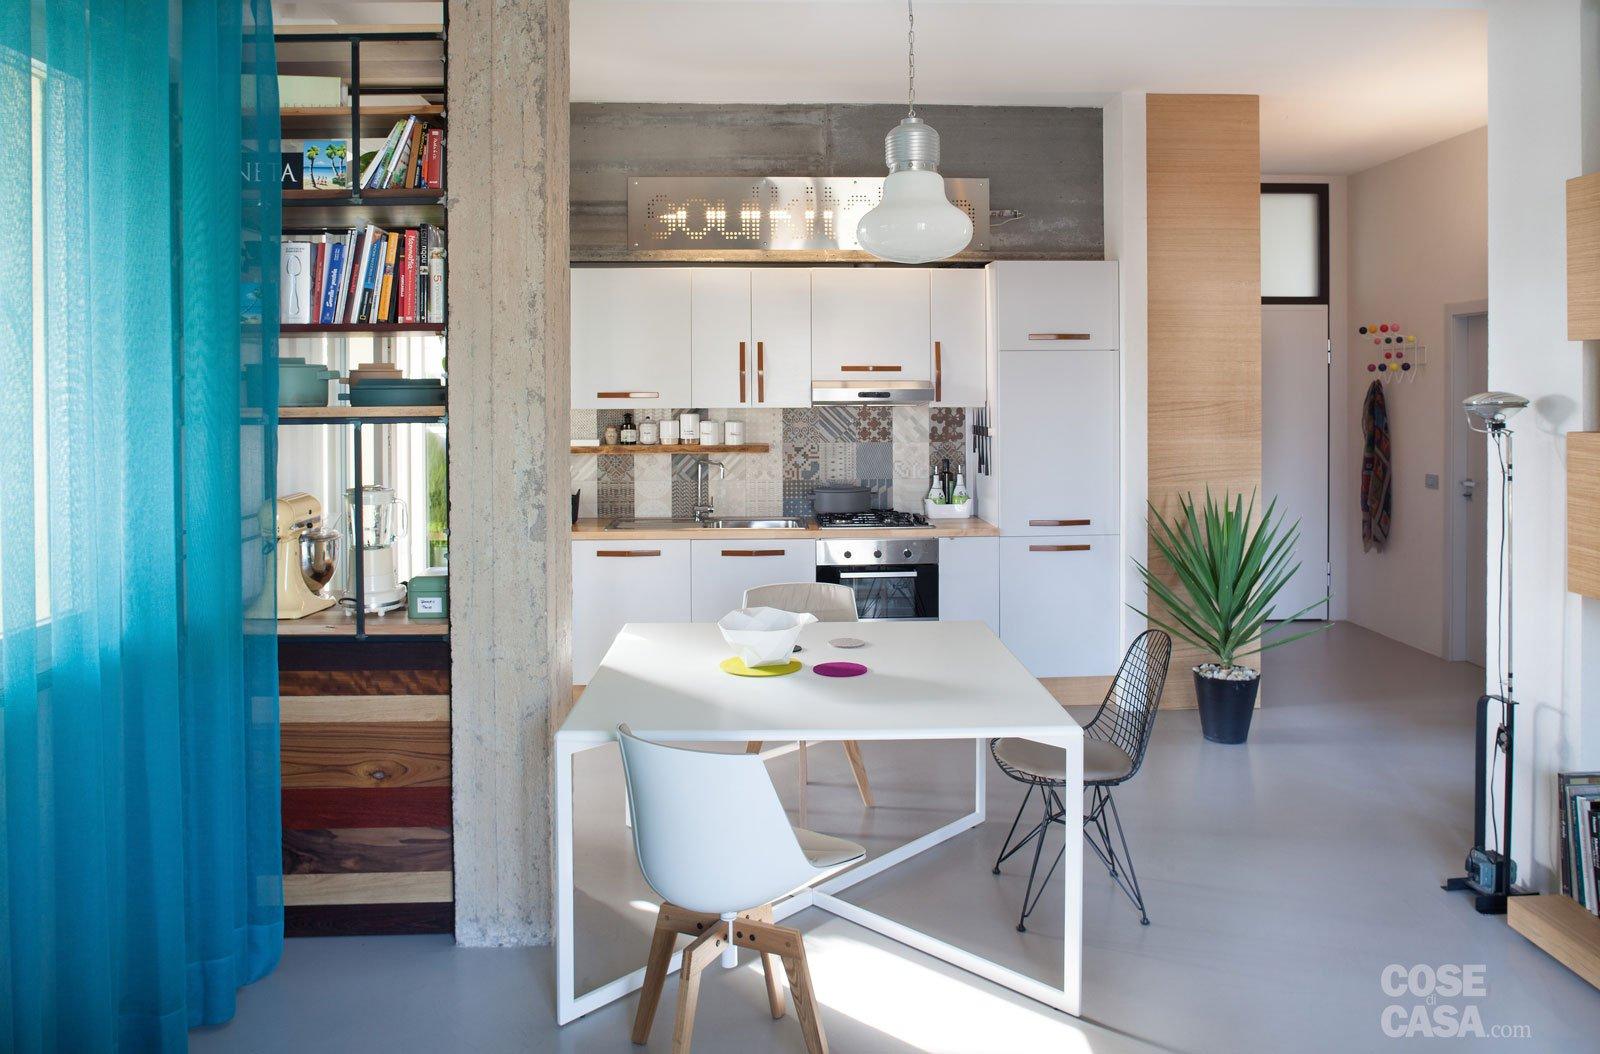 Finiture creative per la casa di 70 mq ben sfruttati - Segreti per profumare la casa ...